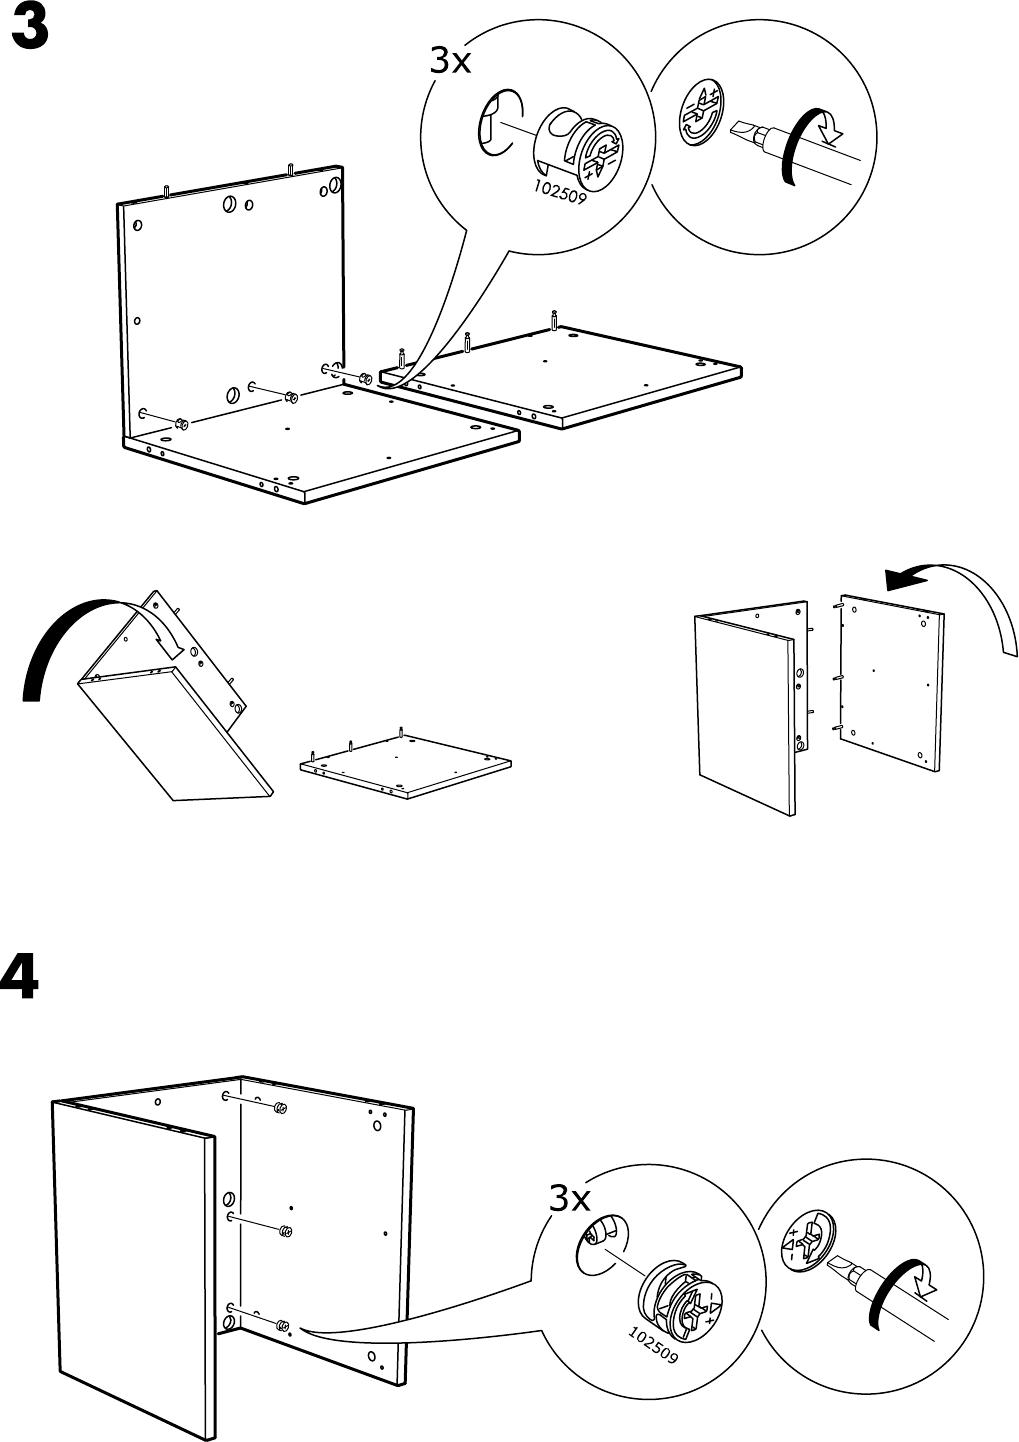 Nordli Ladekast Ikea.Handleiding Ikea Nordli Ladekast Pagina 5 Van 12 Alle Talen